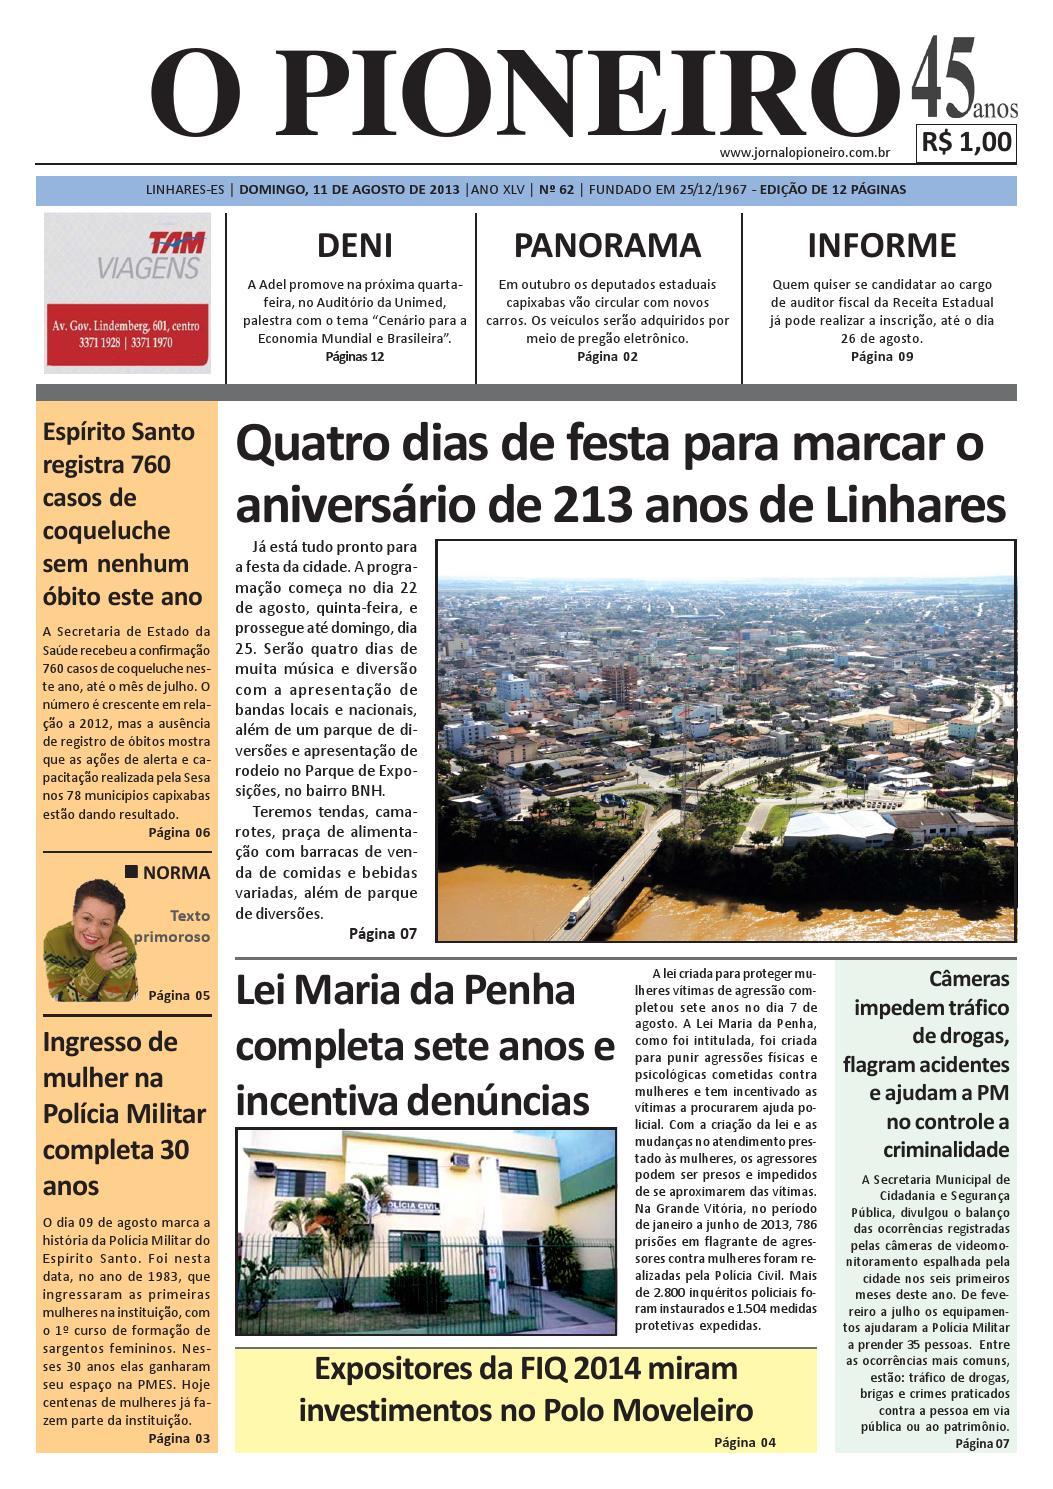 O PIONEIRO 11 DE AGOSTO DE 2013 by Jornal O PIONEIRO - issuu 6454b7923c9b5